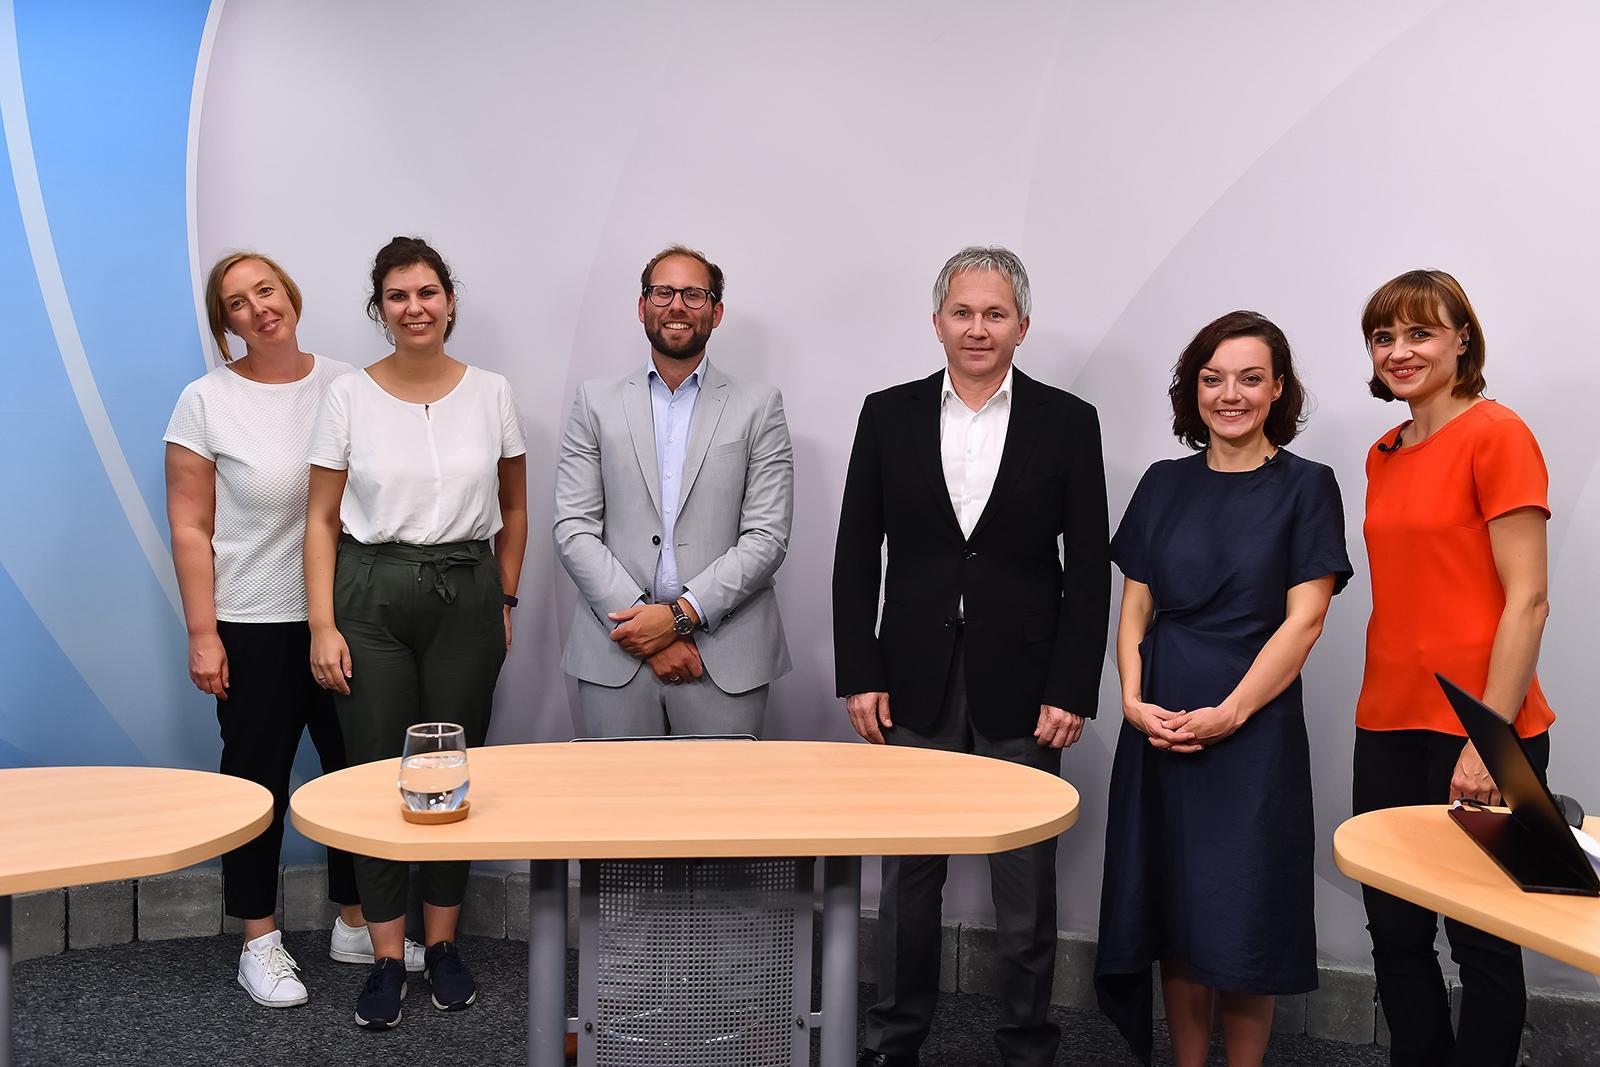 Ein Gruppenfoto der Panelteilnehmer.